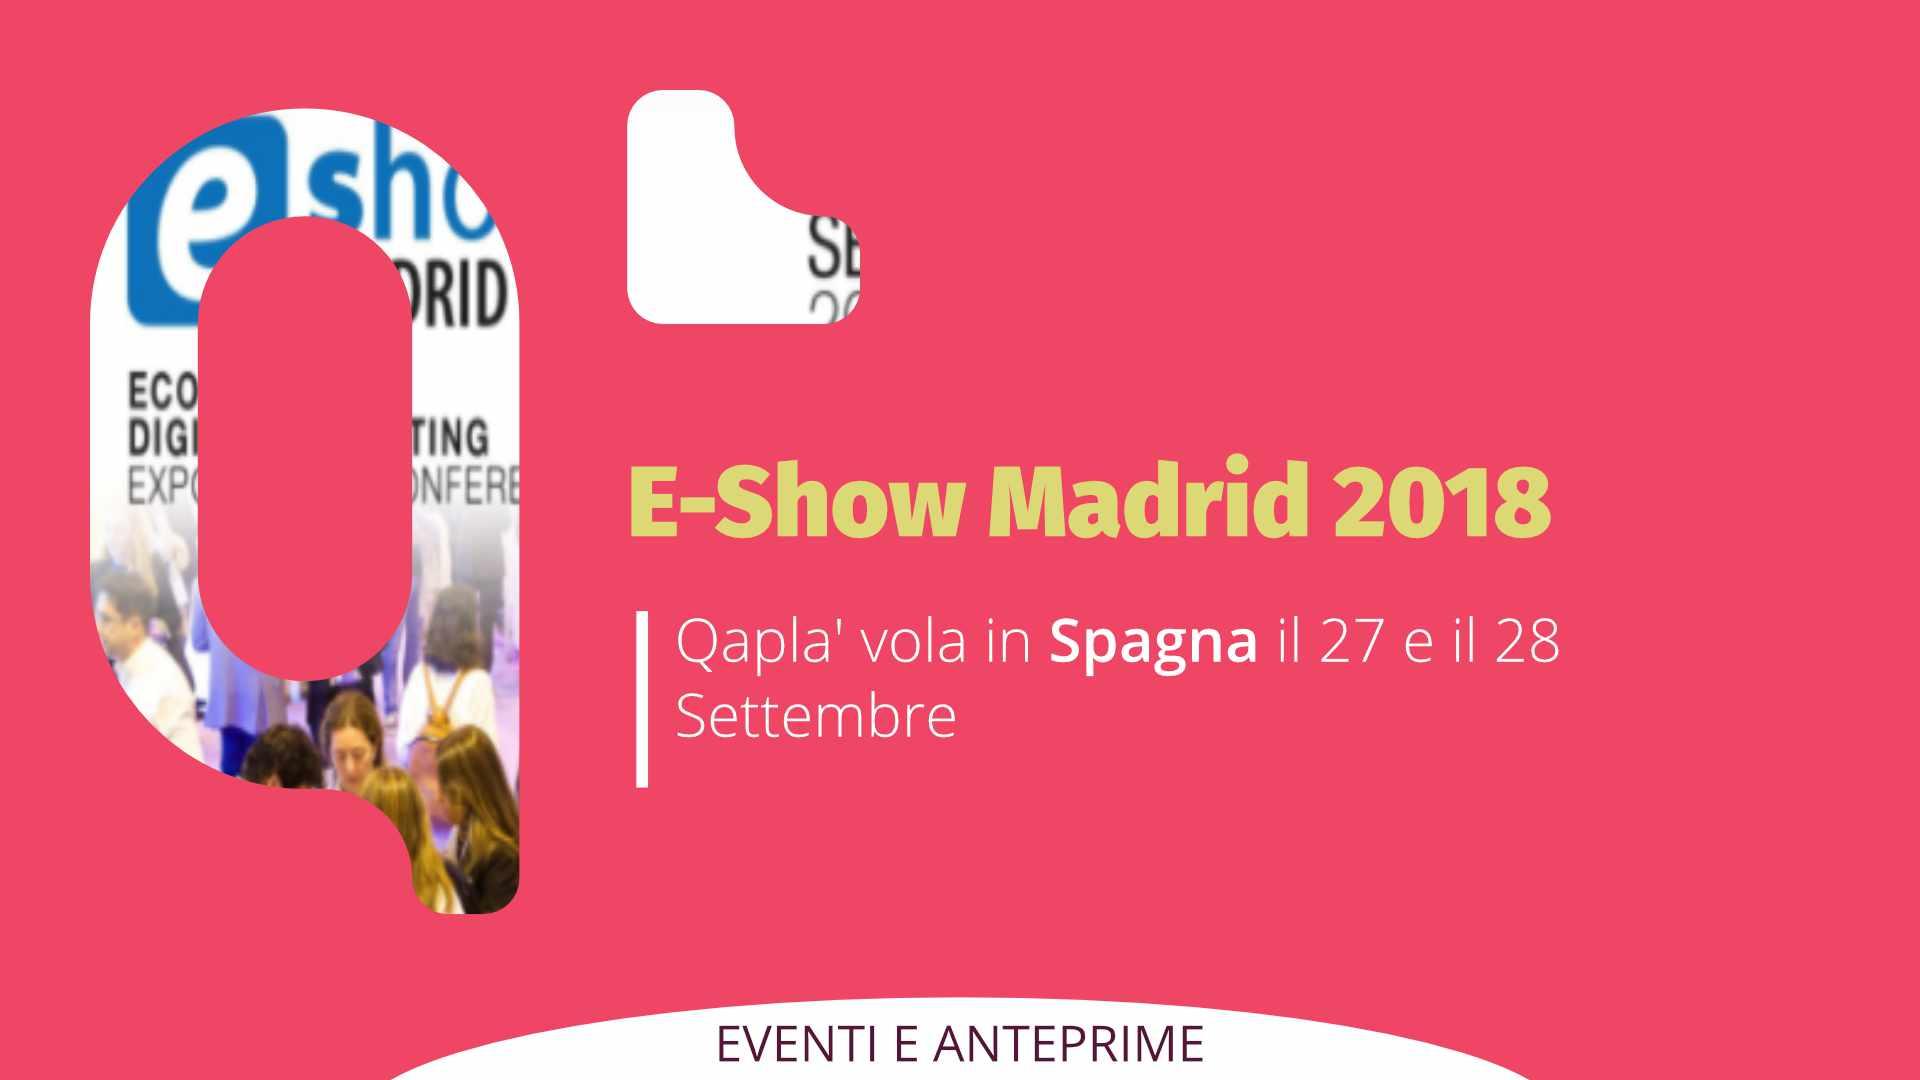 Qapla' vola in Spagna: E-SHOW MADRID 2018